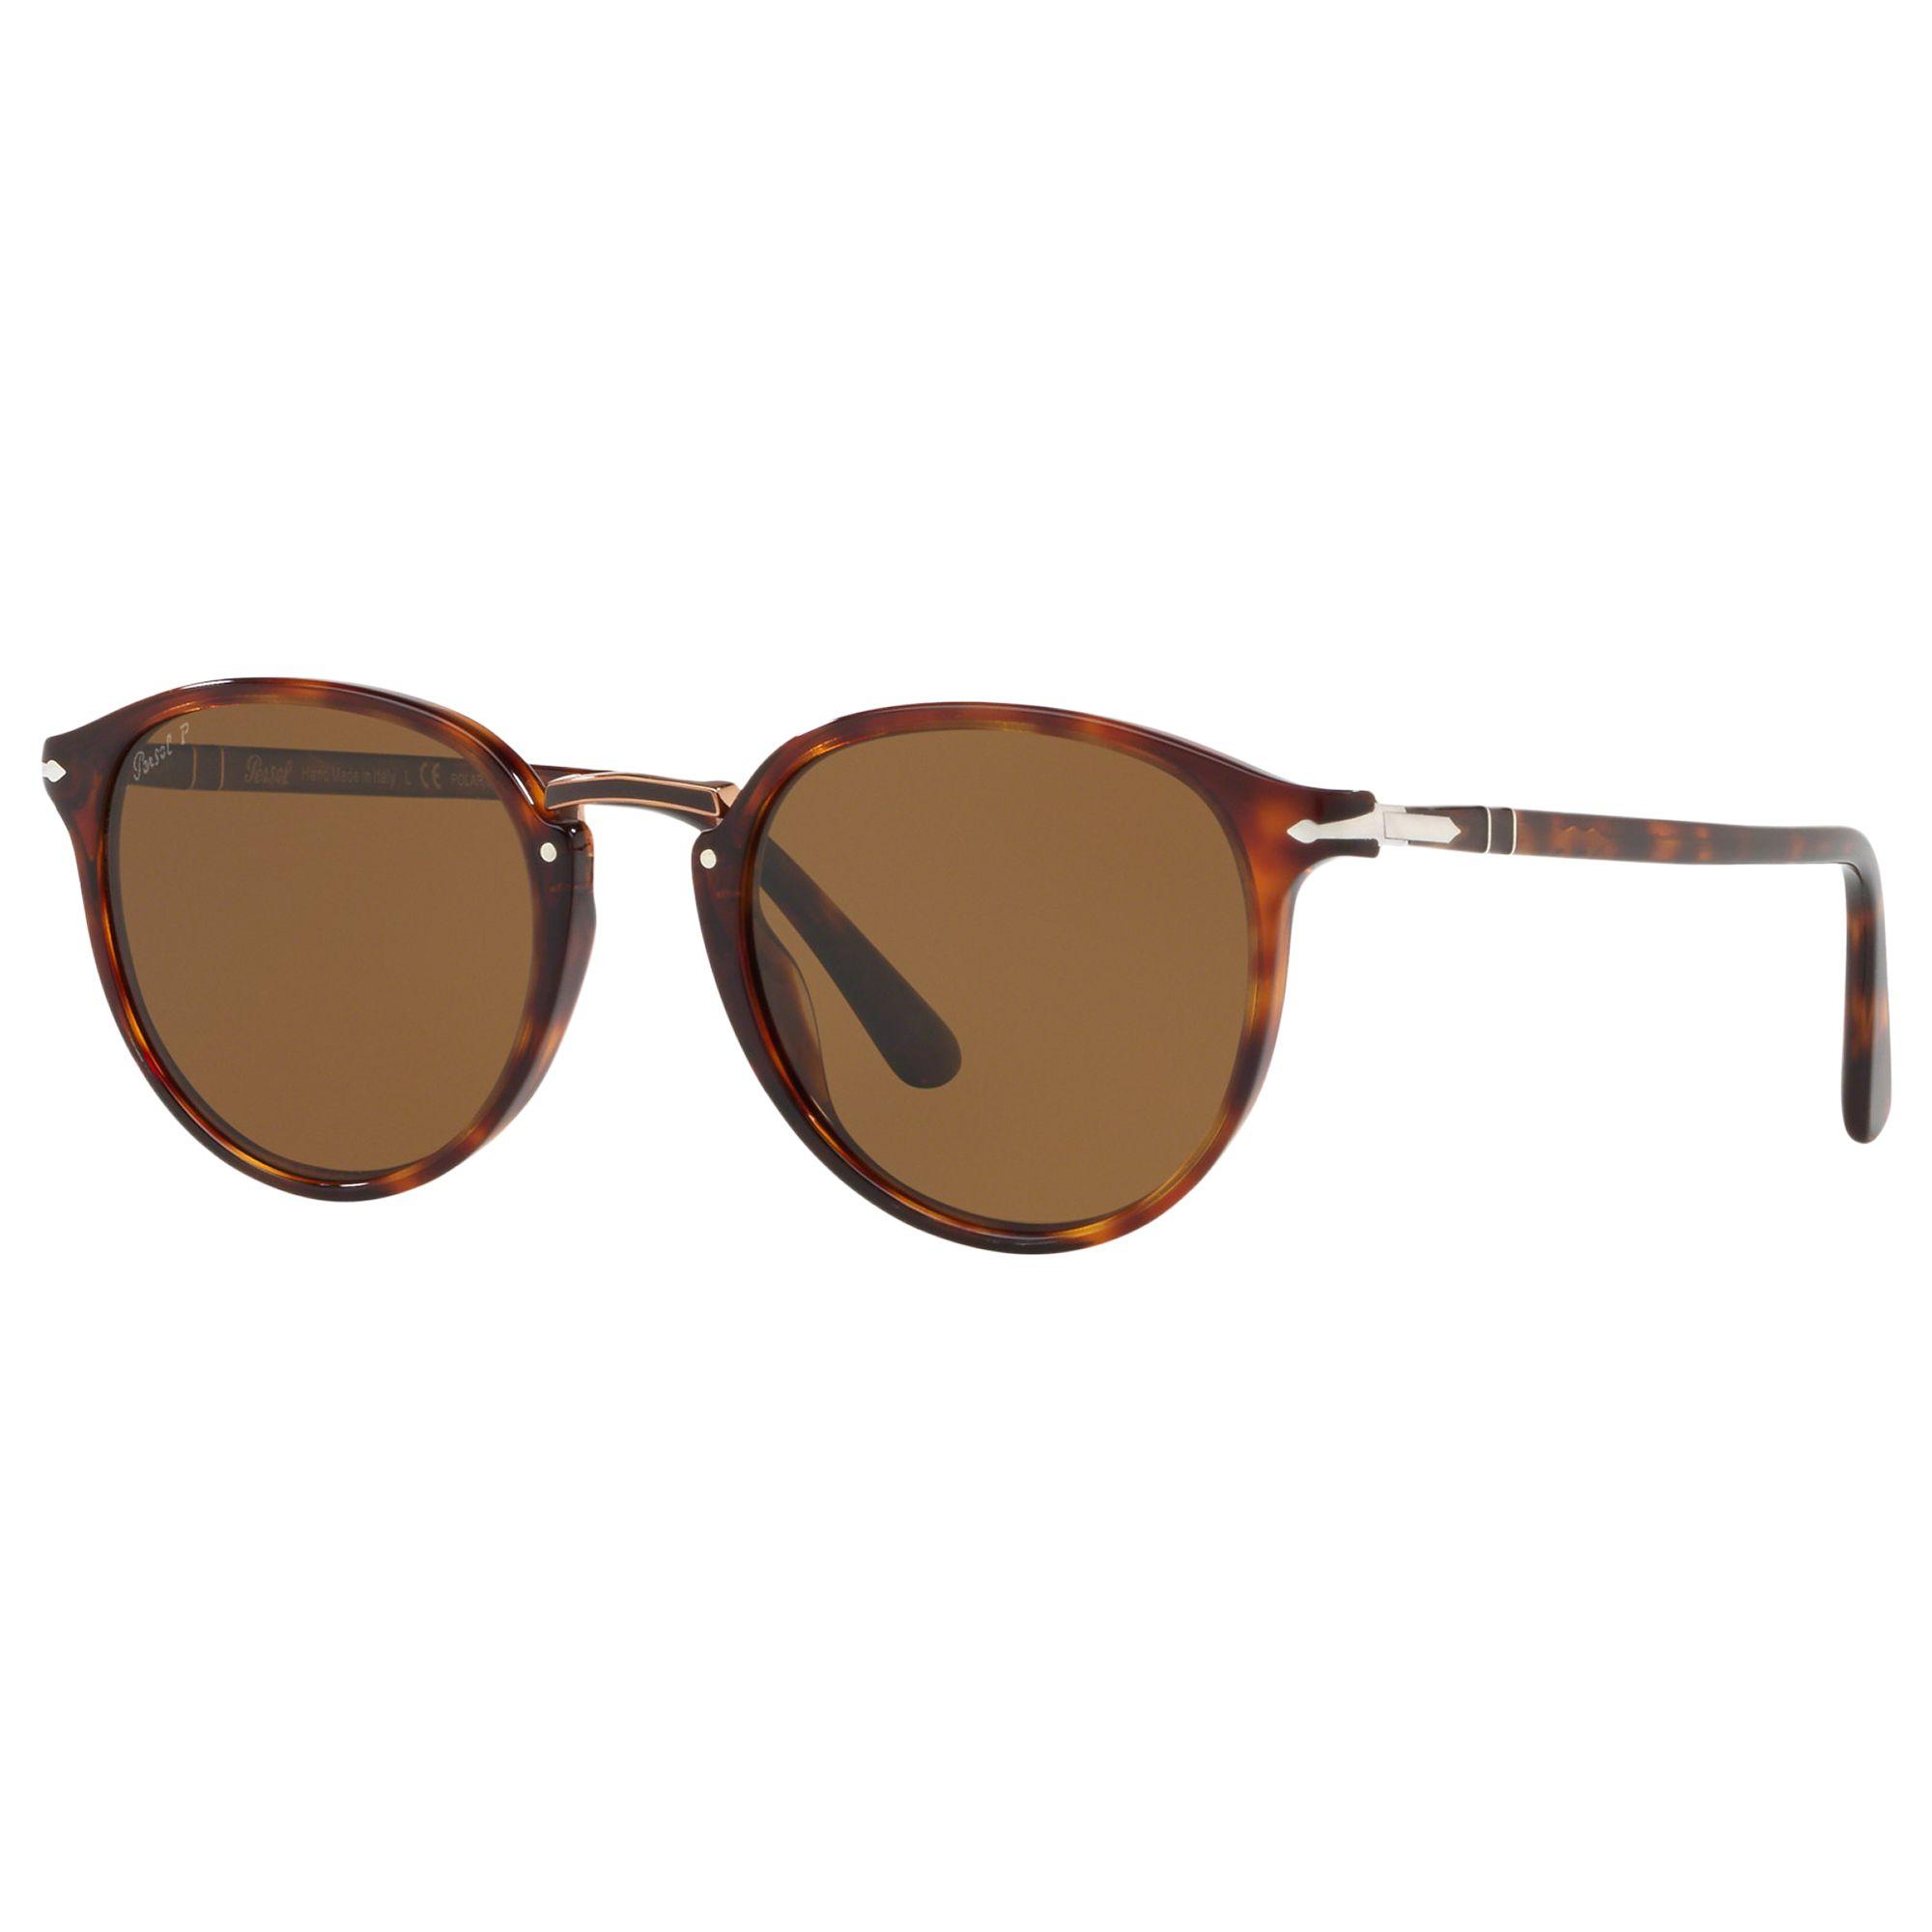 Persol Persol PO3210S Men's Polarised Oval Sunglasses, Tortoise/Brown